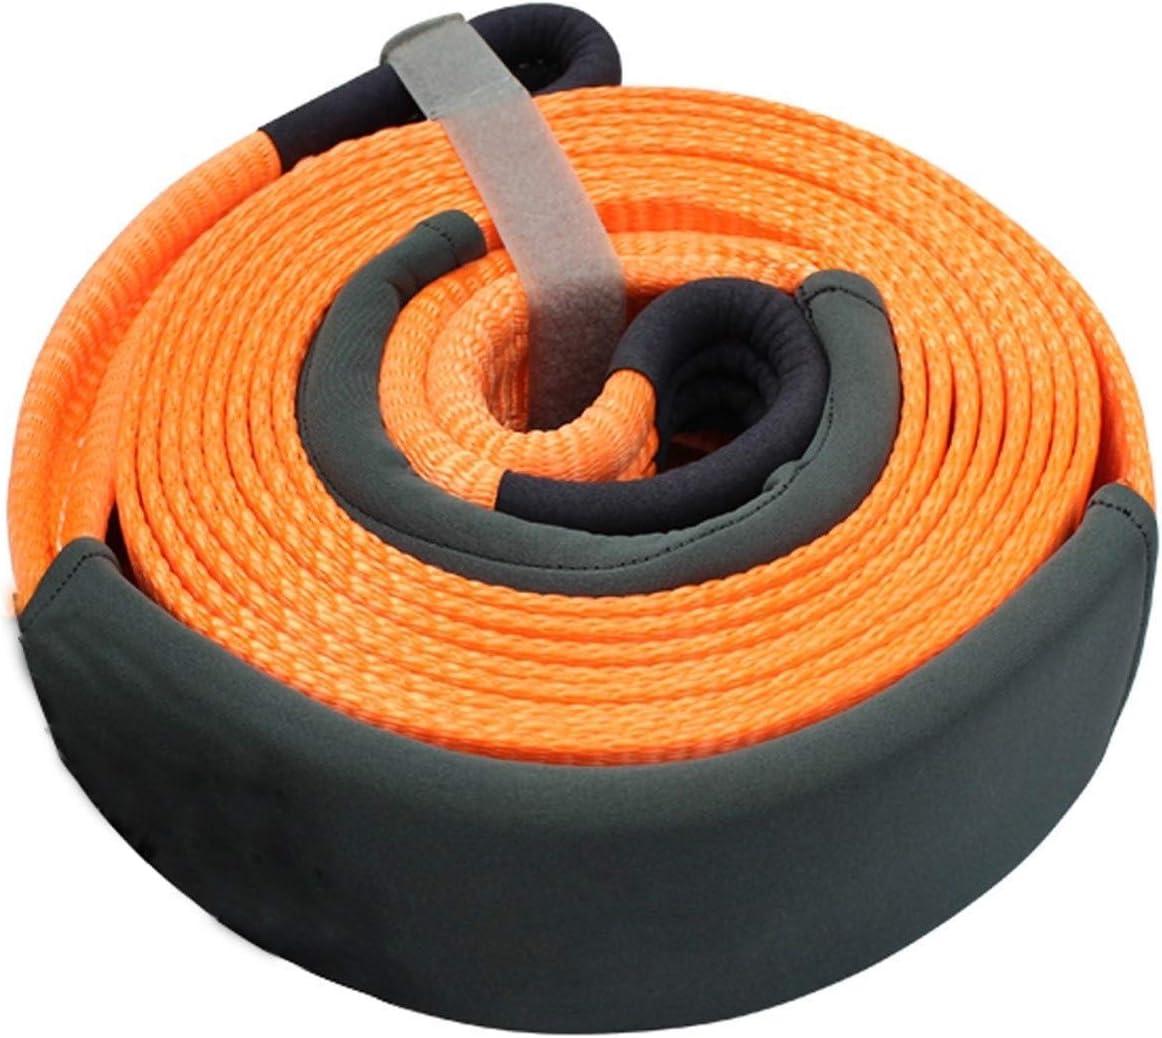 force de traction maximale de 15 tonnes avec deux crochets de s/écurit/é 6 m Corde de remorquage Sangle for les voitures//SUV//fourgonn le nylon de remorquage ceinture Lourds de remorquage Cordes